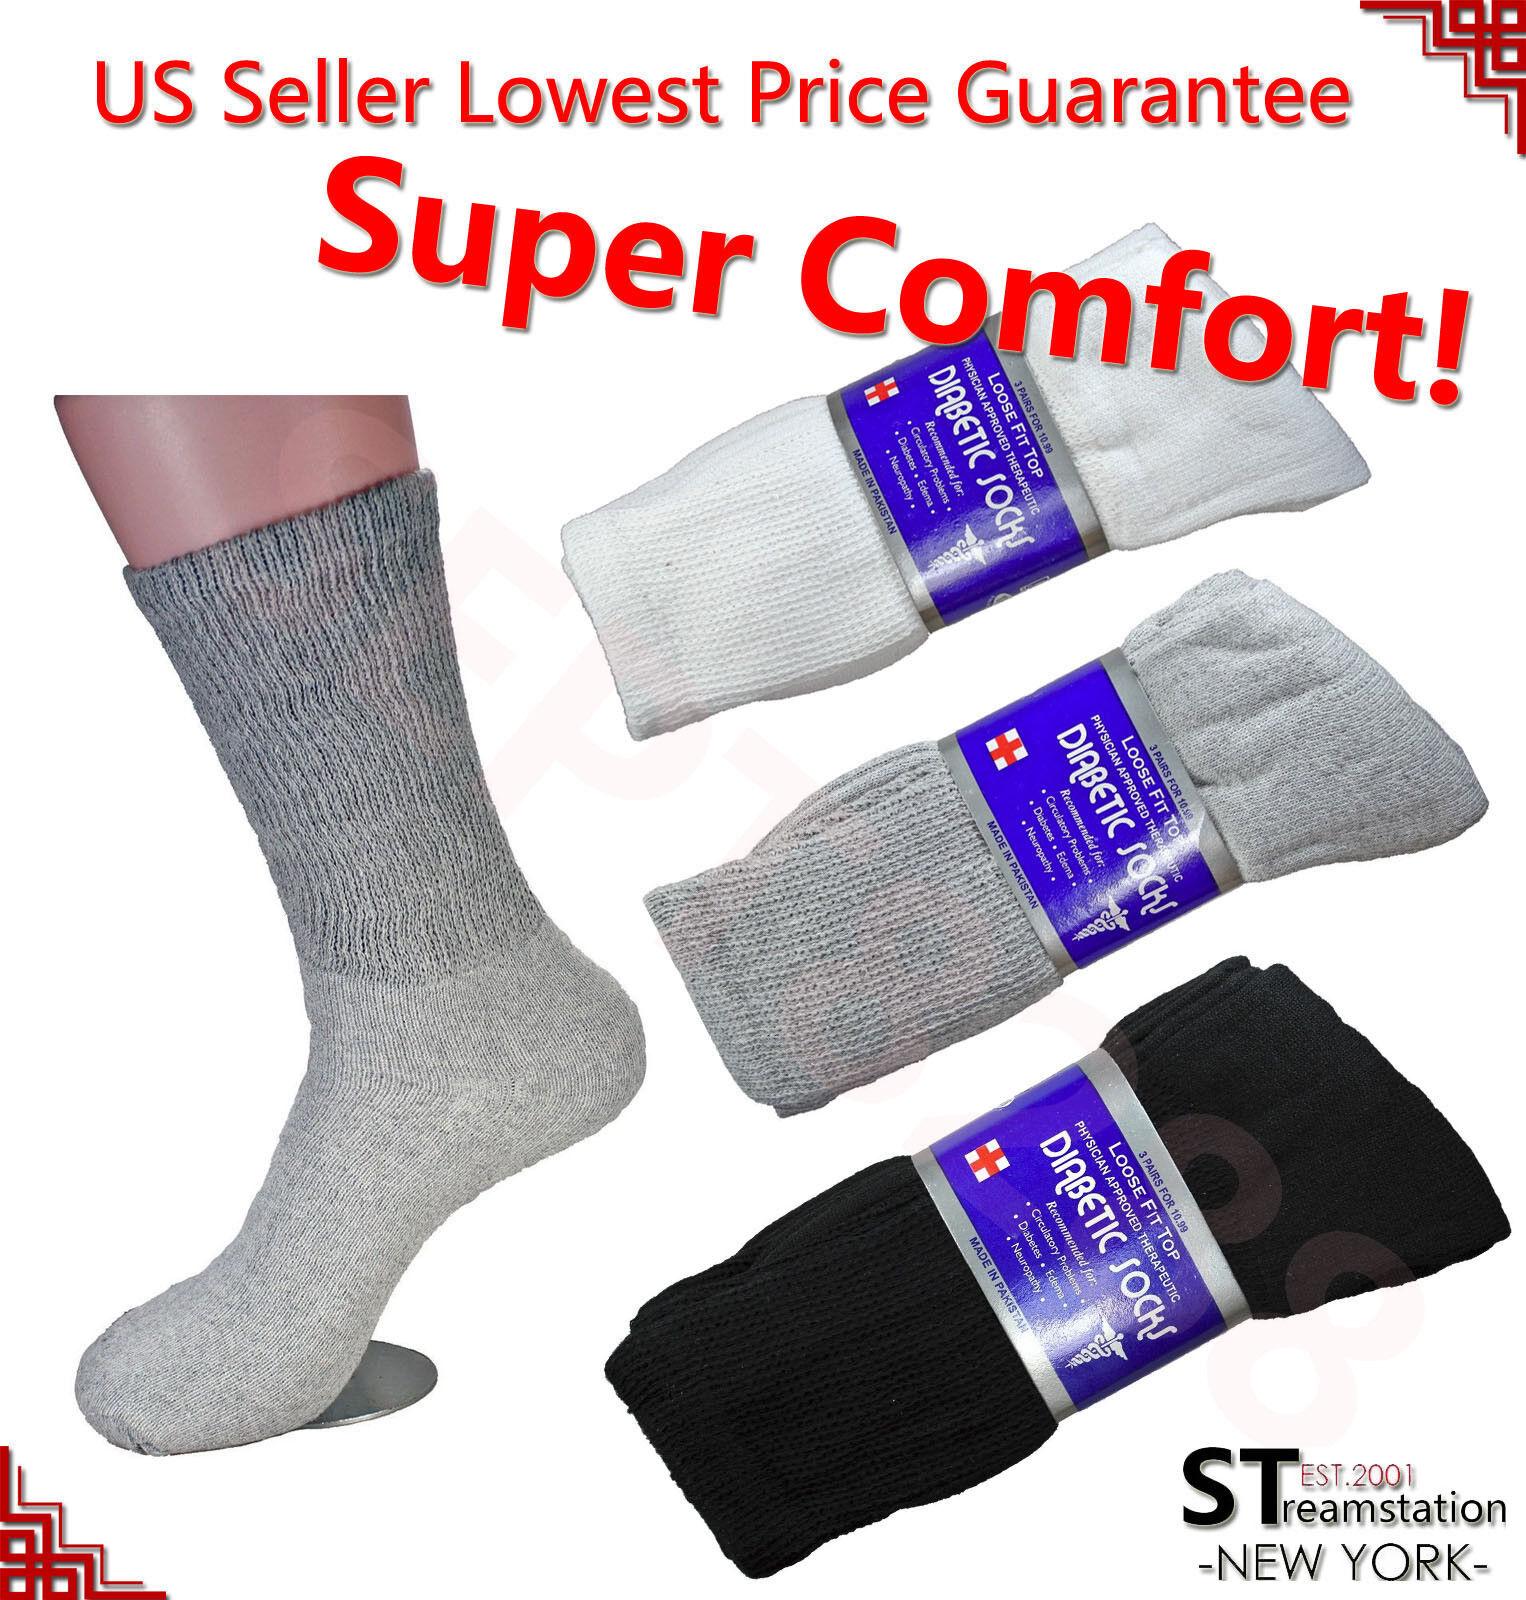 3,6,12 Pairs Diabetic Crew Circulatory Socks Health Mens Cot